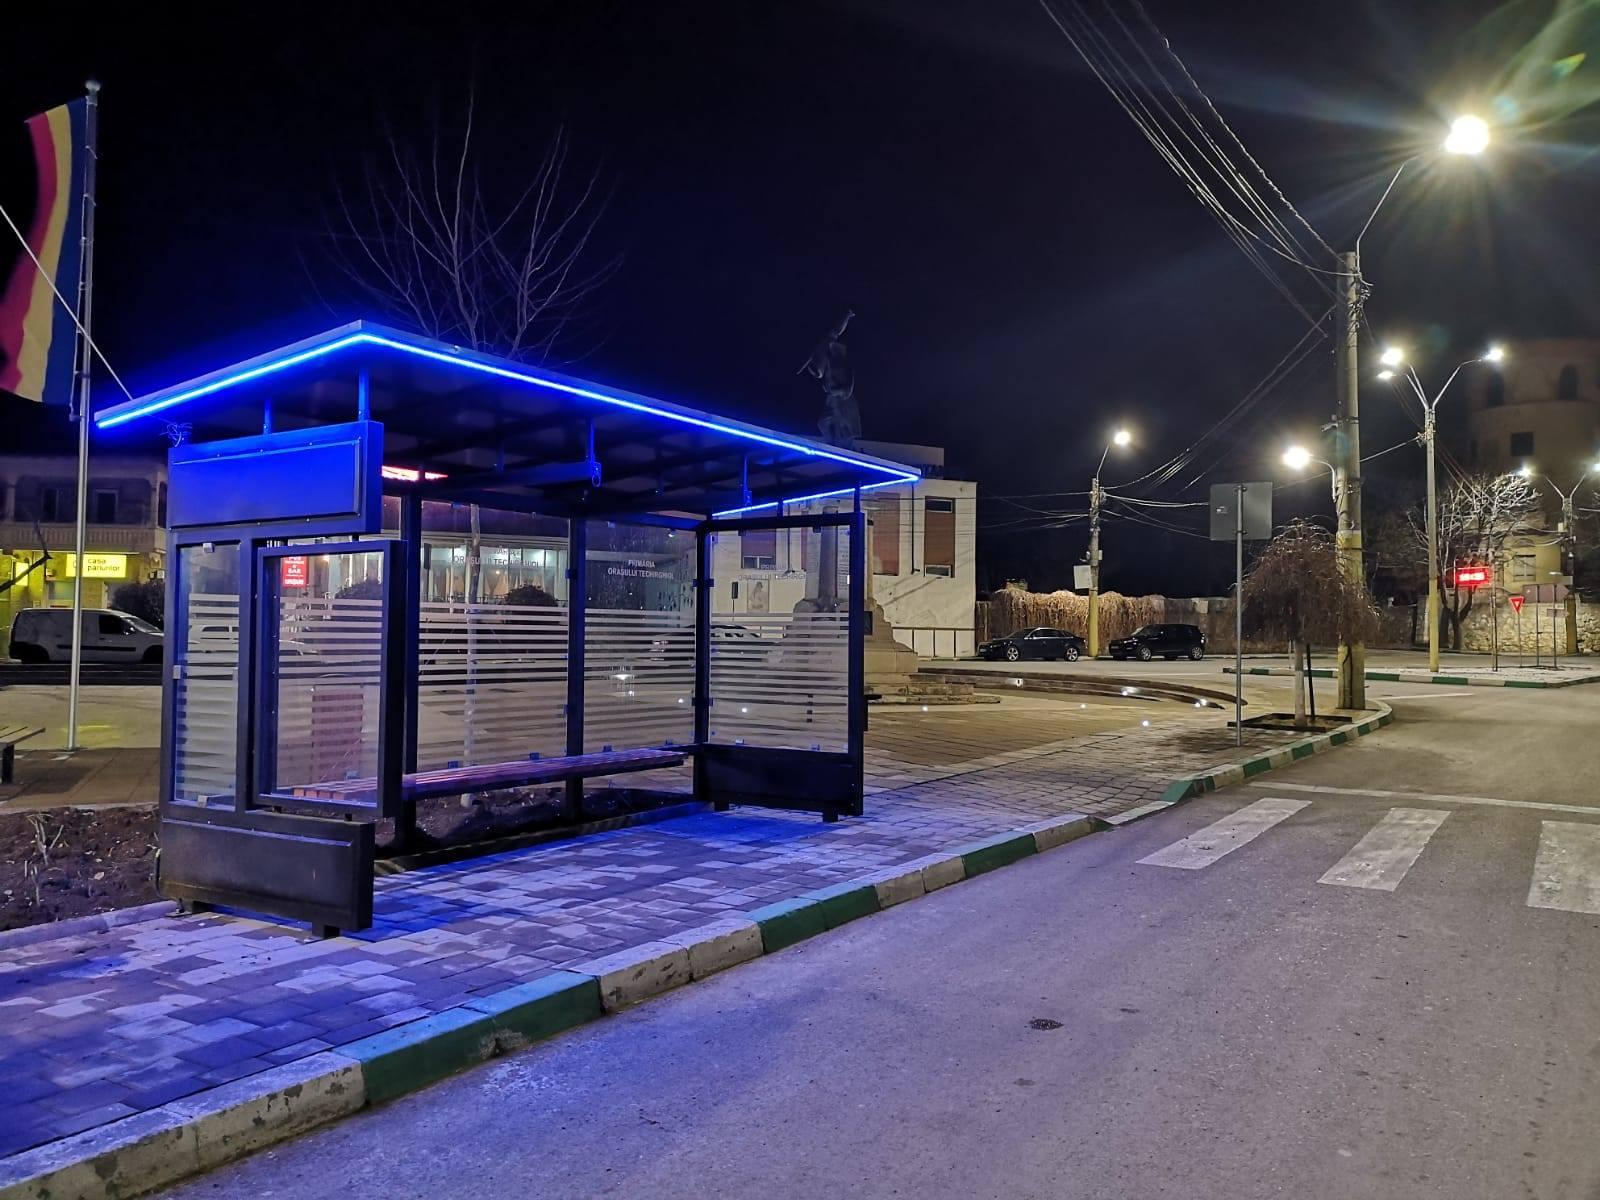 Stație nouă de călători în Techirghiol